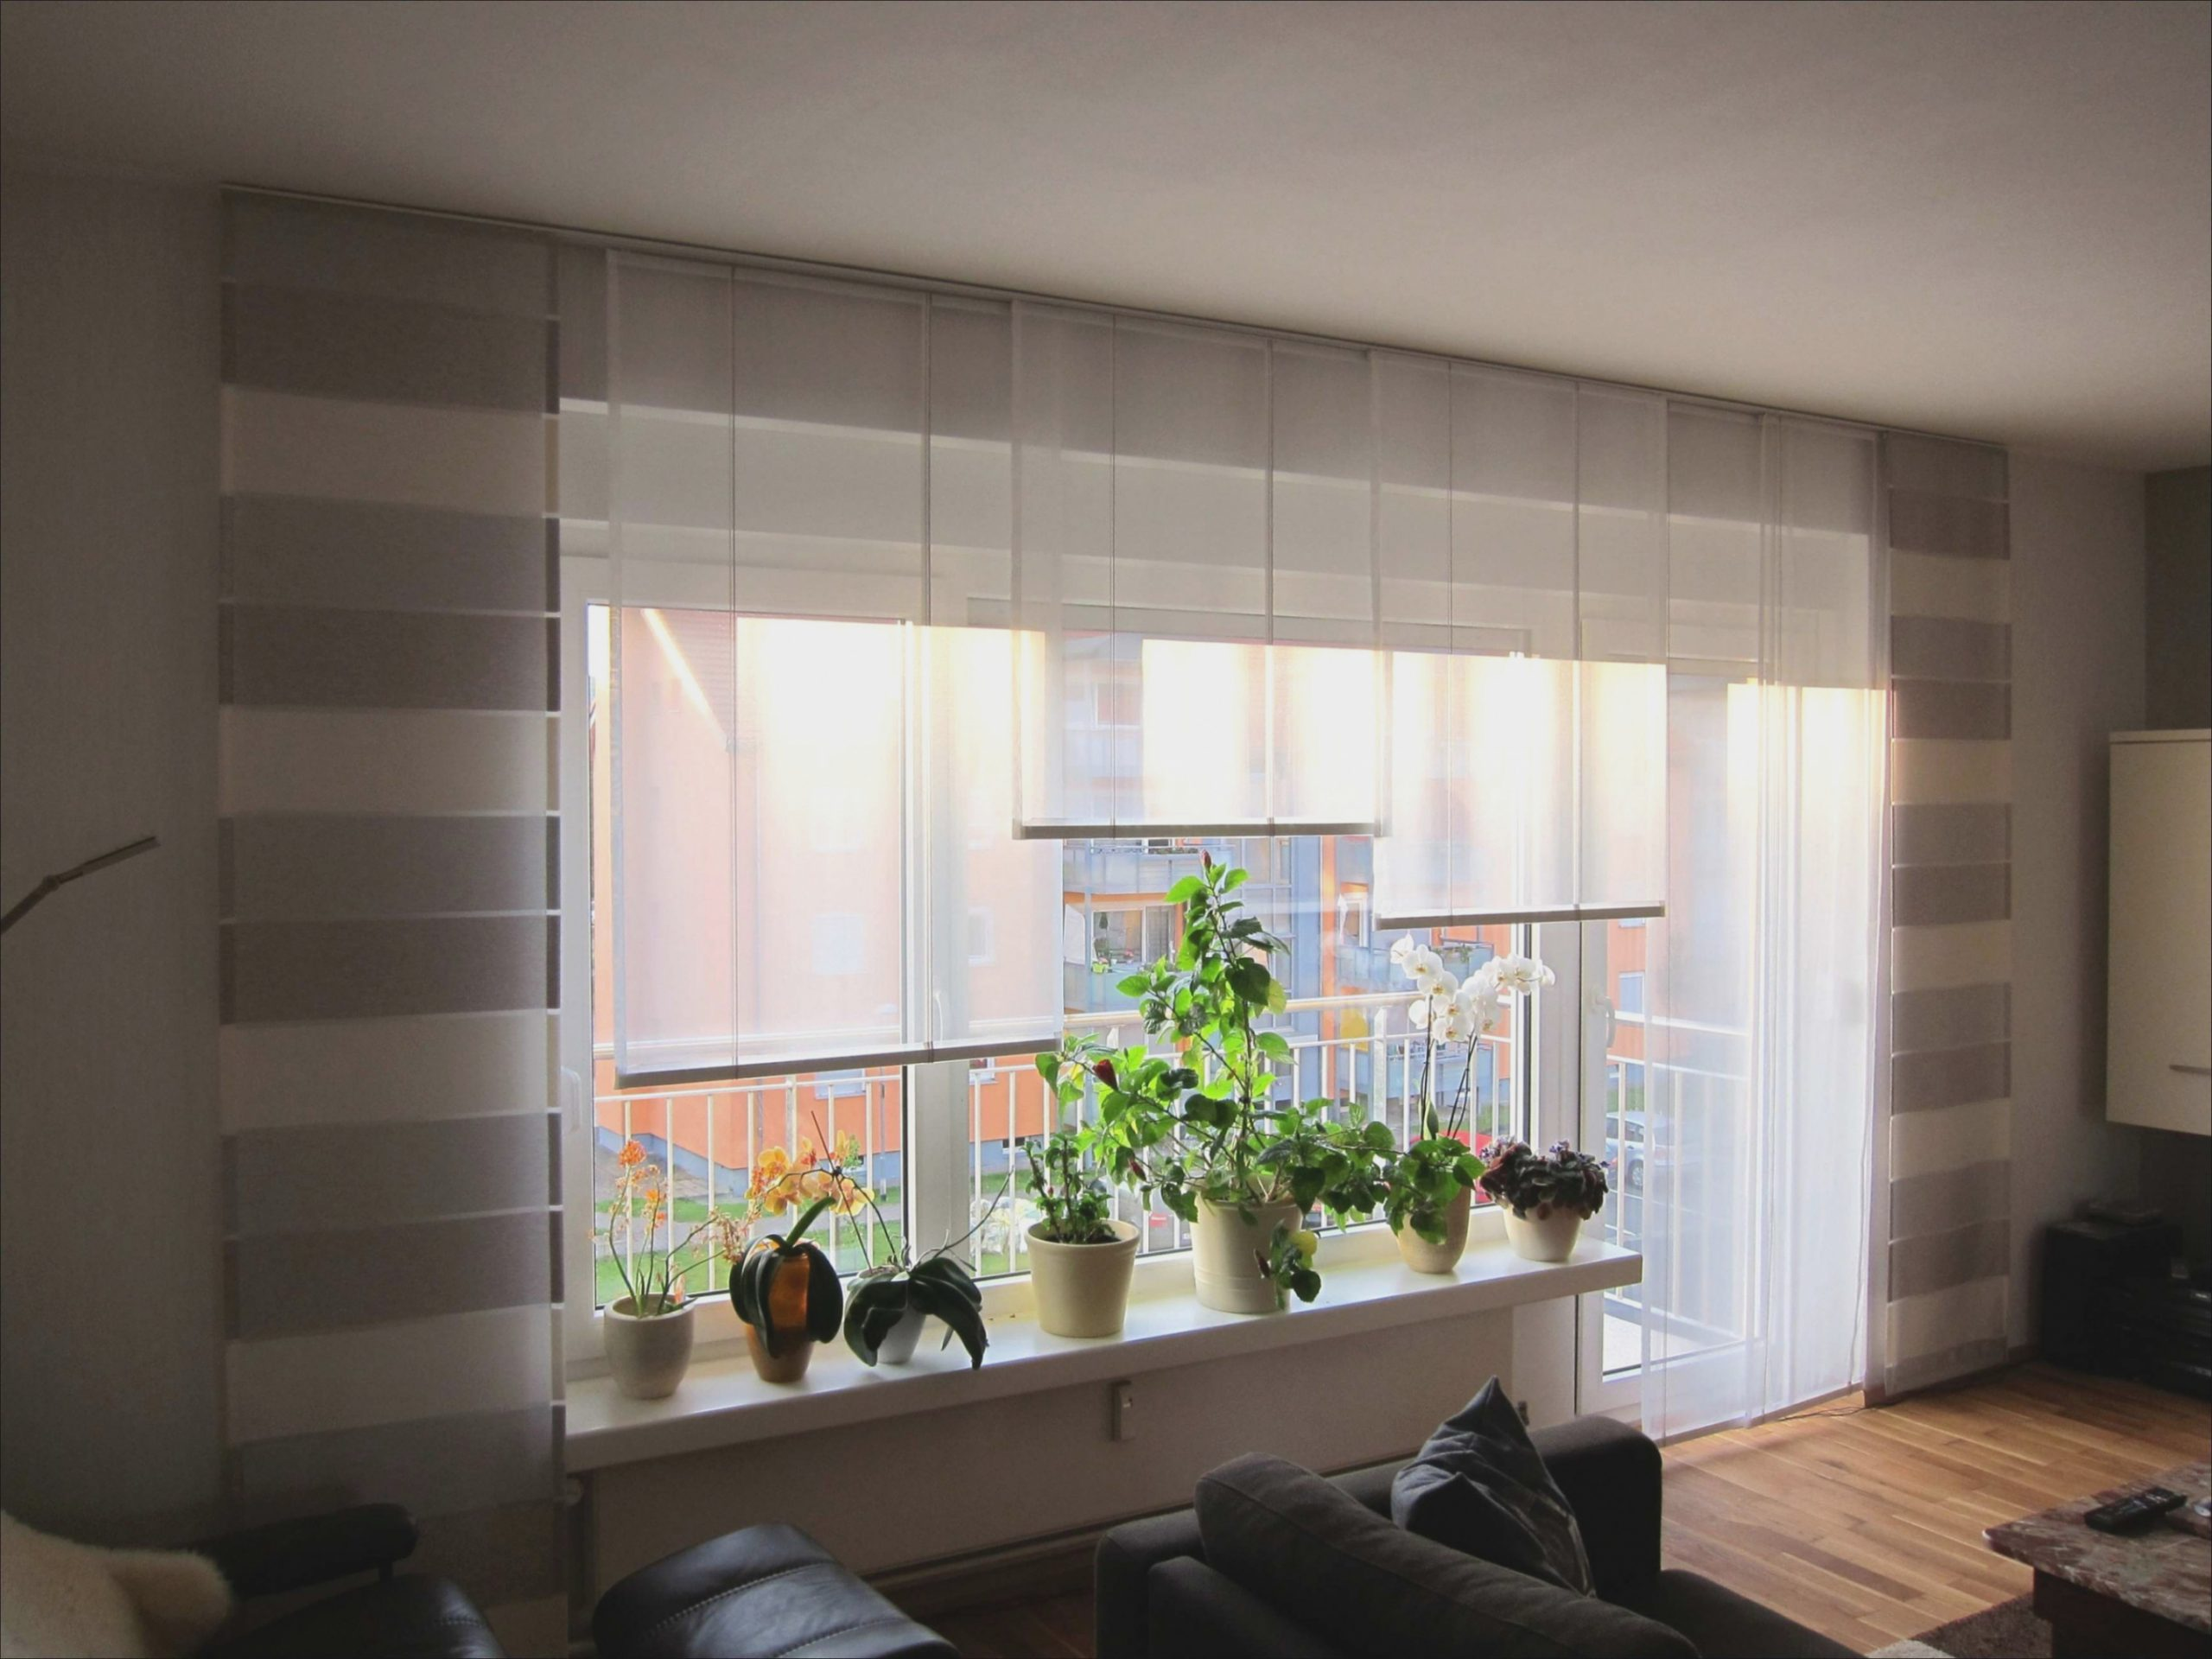 Full Size of Gardinen Dekorationsvorschläge Wohnzimmer Außergewöhnliche Vorhang   Vorhang Knoten Binden Wohnzimmer Vorhang Wohnzimmer